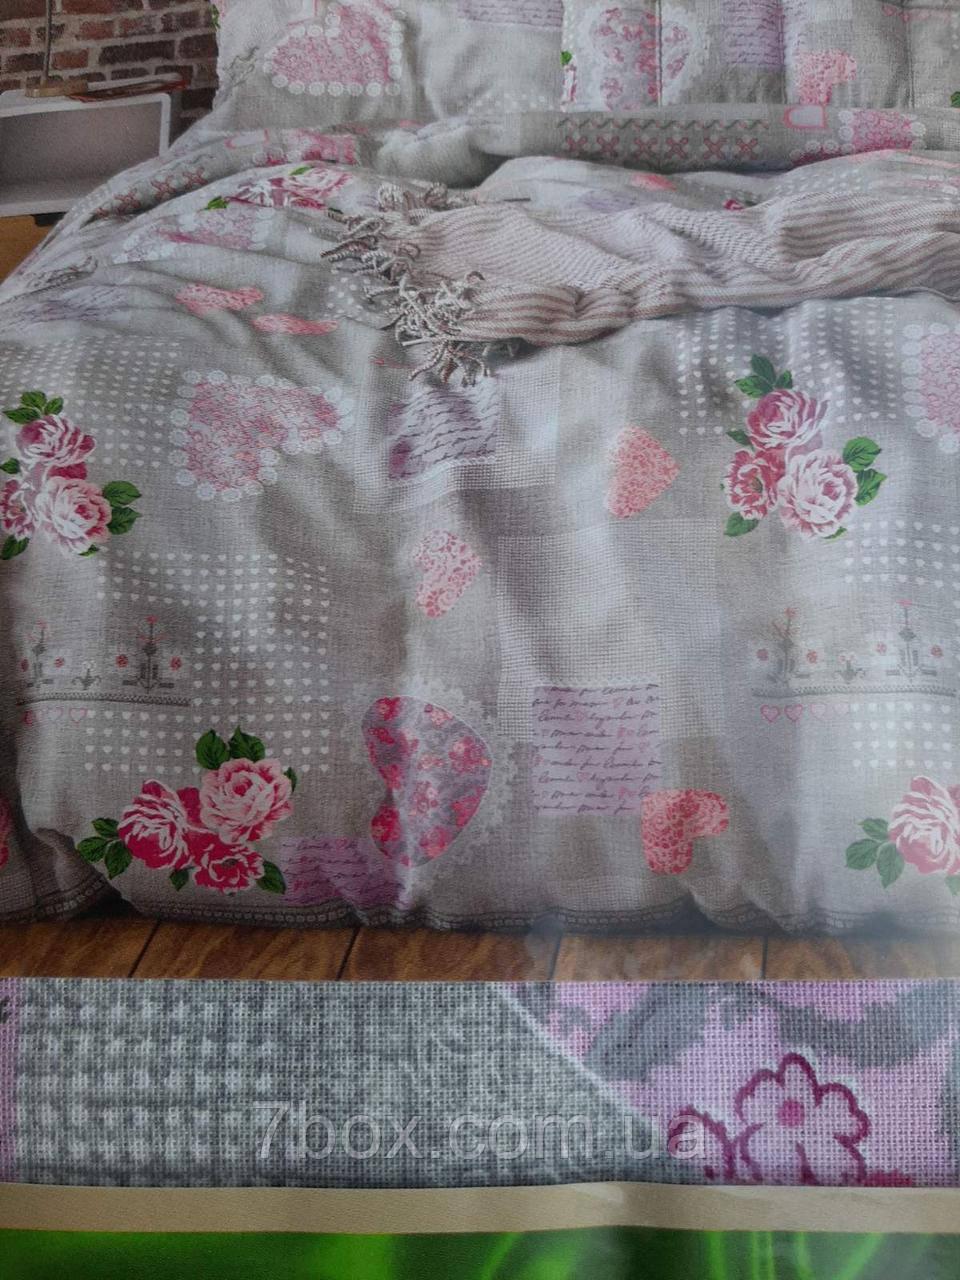 """Комплект постельного белья бязь """" -Розы 2х двуспальный размер оптом"""